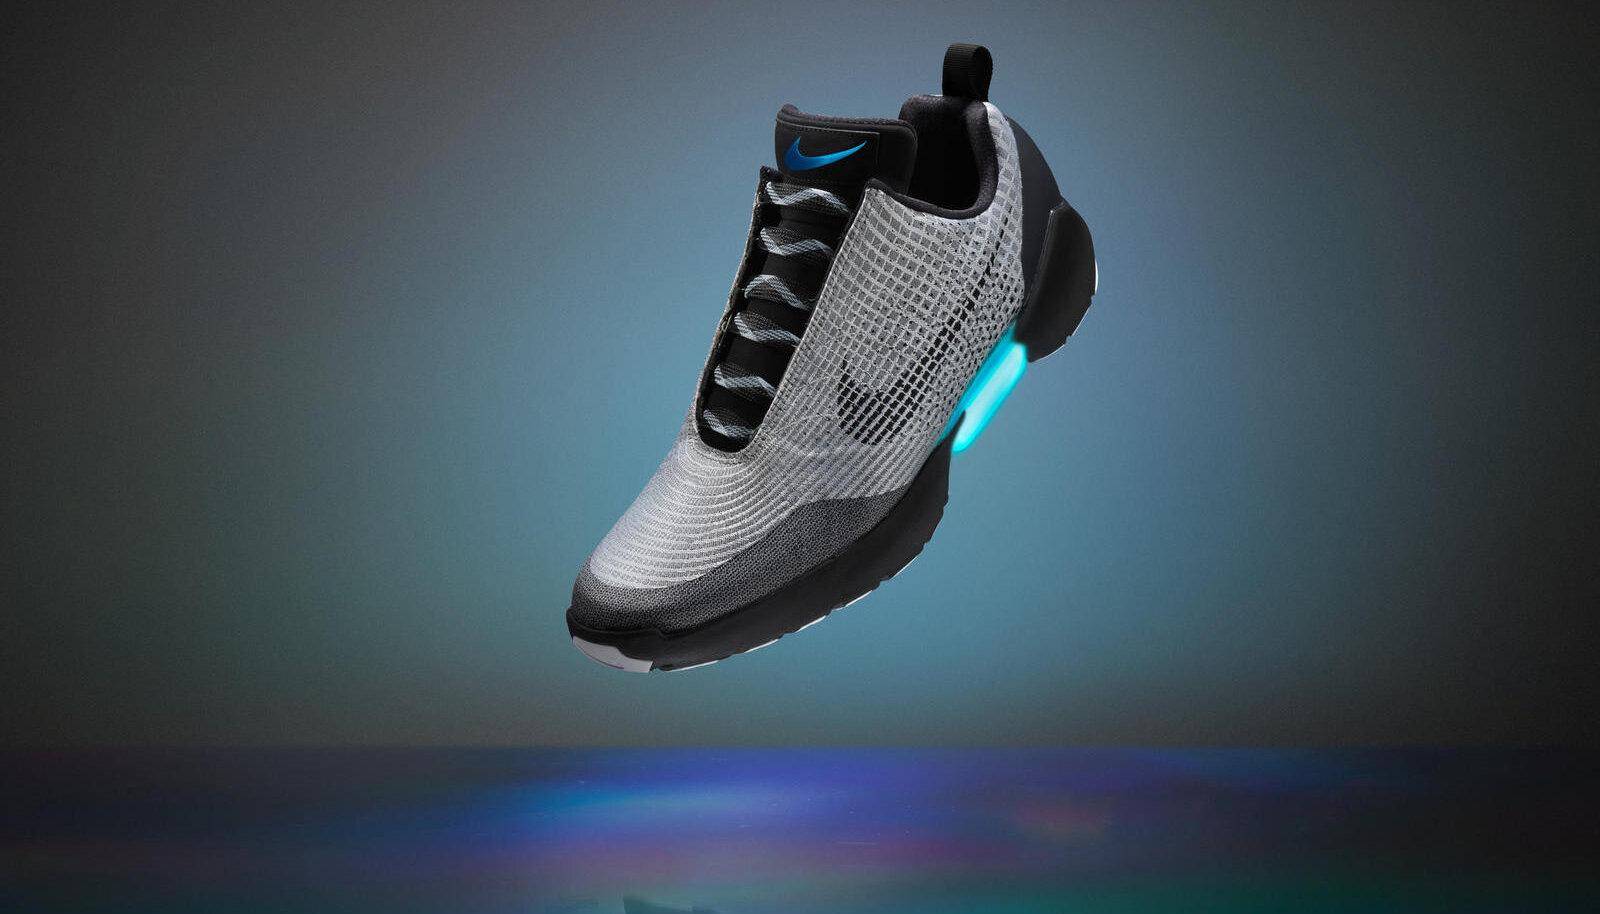 Praeguseni müügil olevad Nike HyperAdapt tossud, mille hind on 720 dollarit paari eest